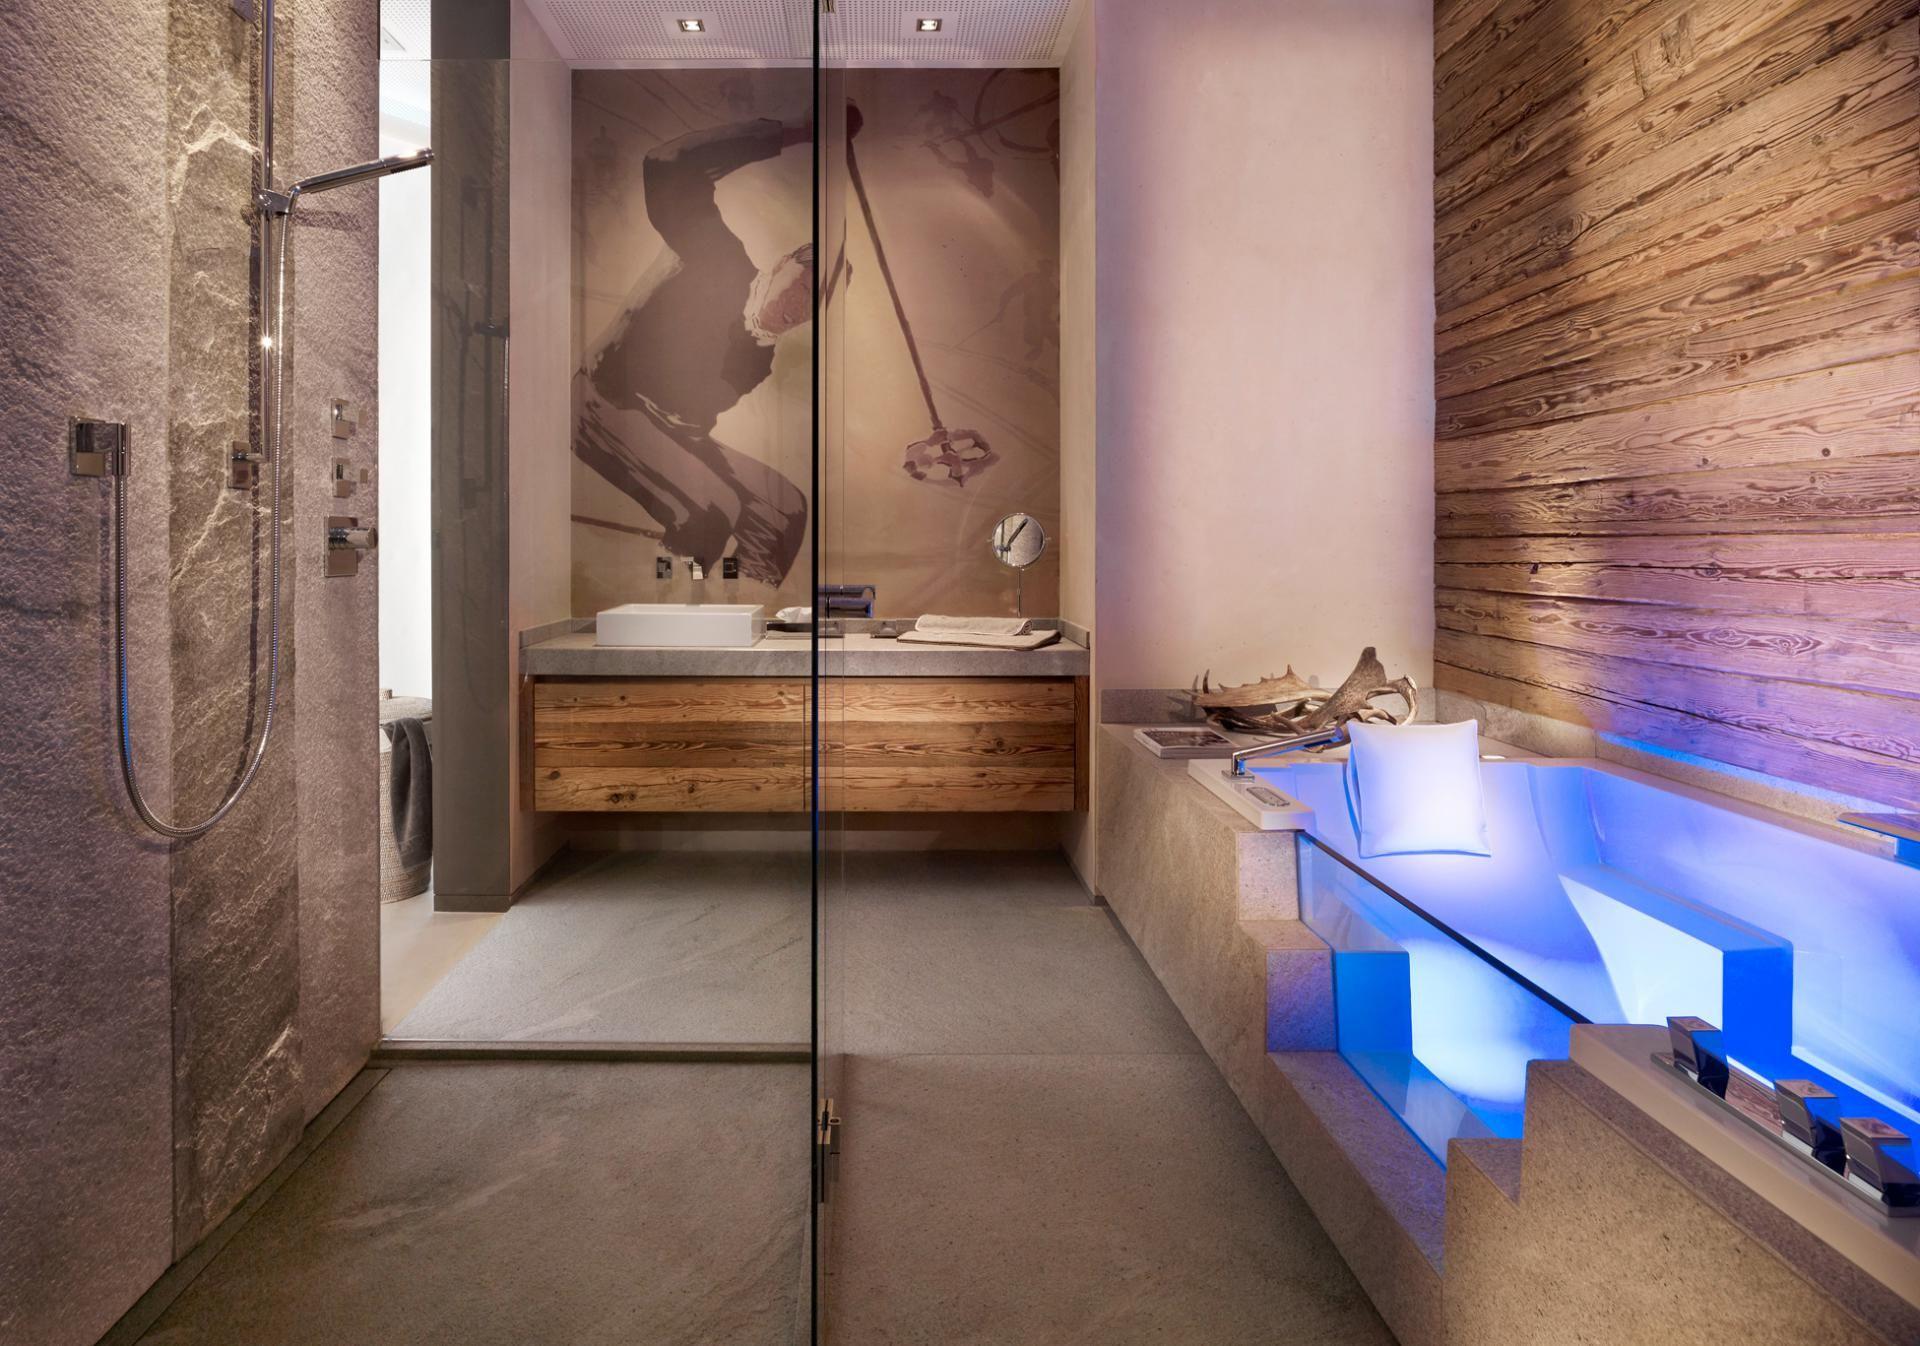 gasteiger bad architektur chaletstil mit patentierter terradistone wandspachtelung dornbracht. Black Bedroom Furniture Sets. Home Design Ideas